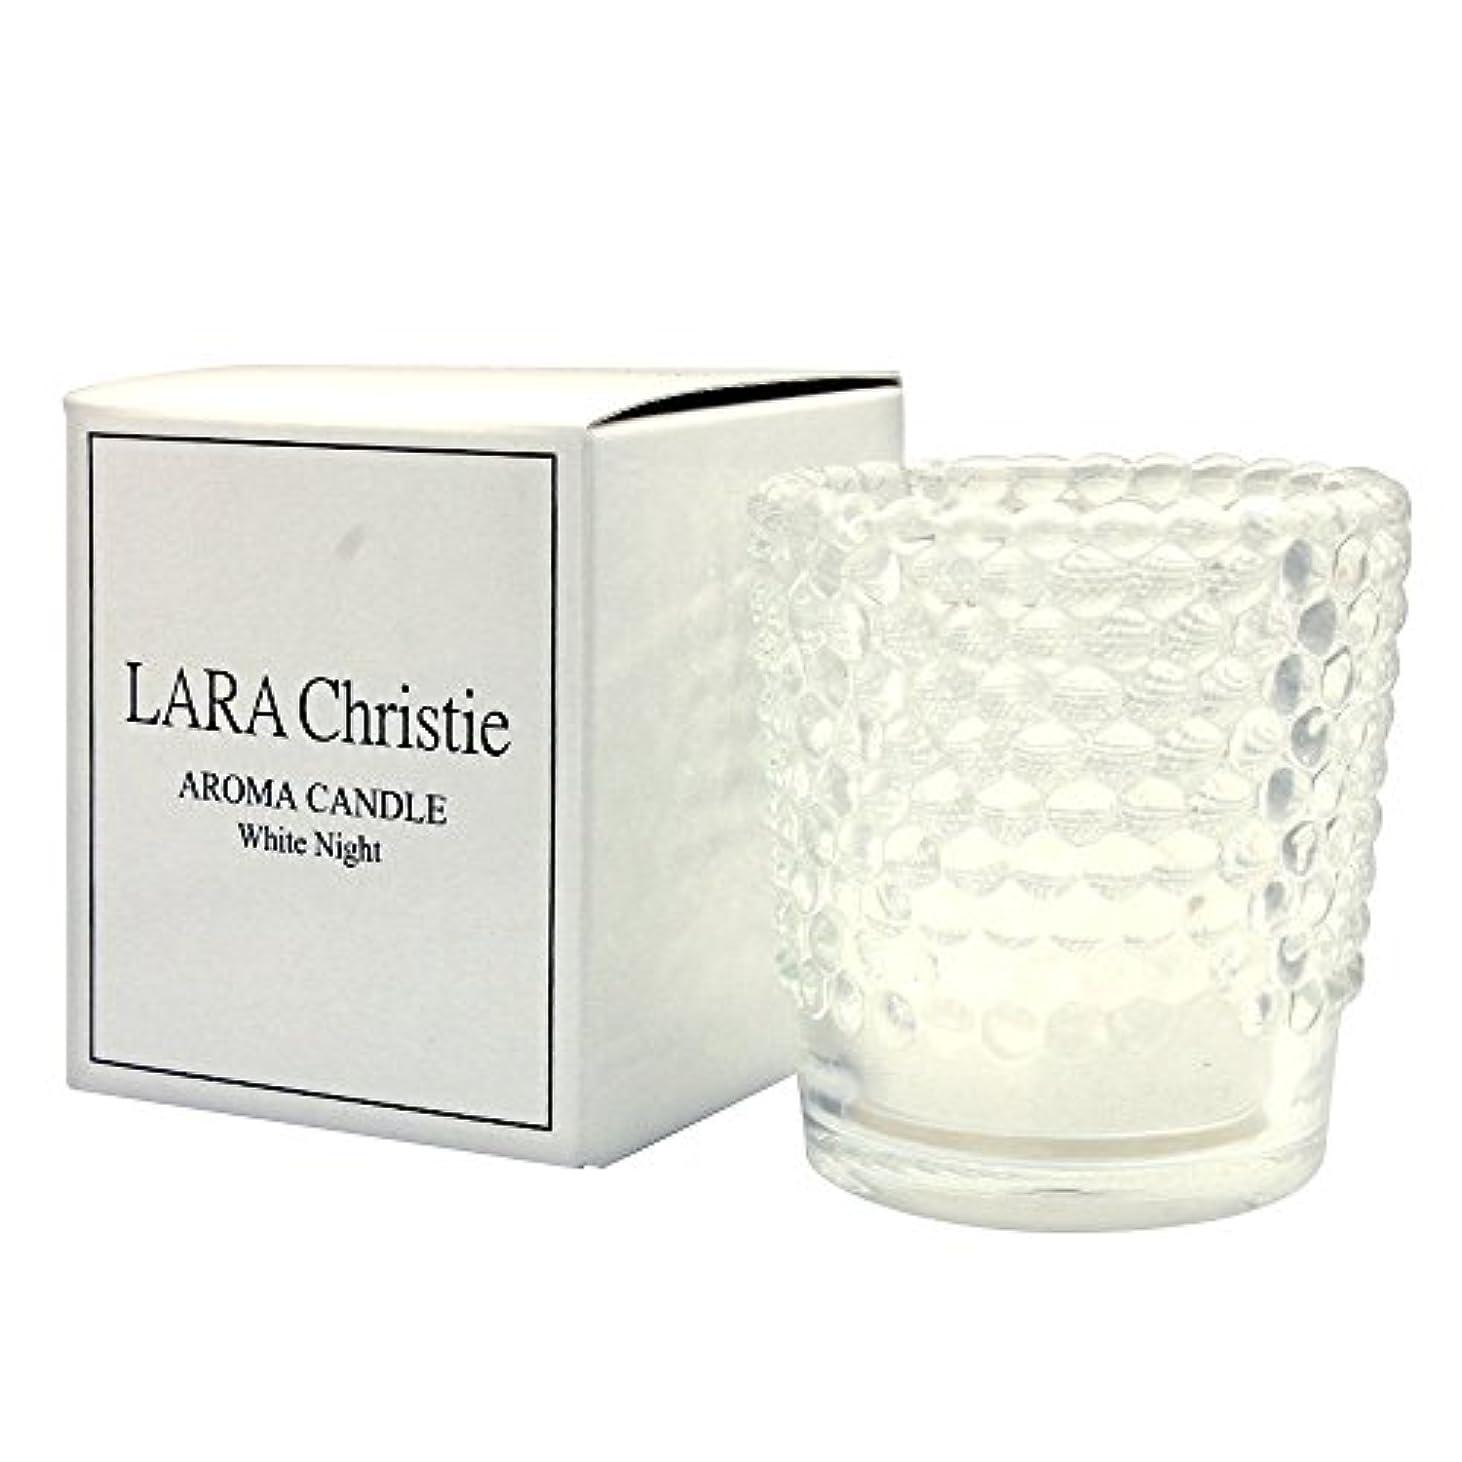 [ララクリスティー] LARA Christie ホワイトナイト アロマキャンドル [ WHITE Label ] a0011-w